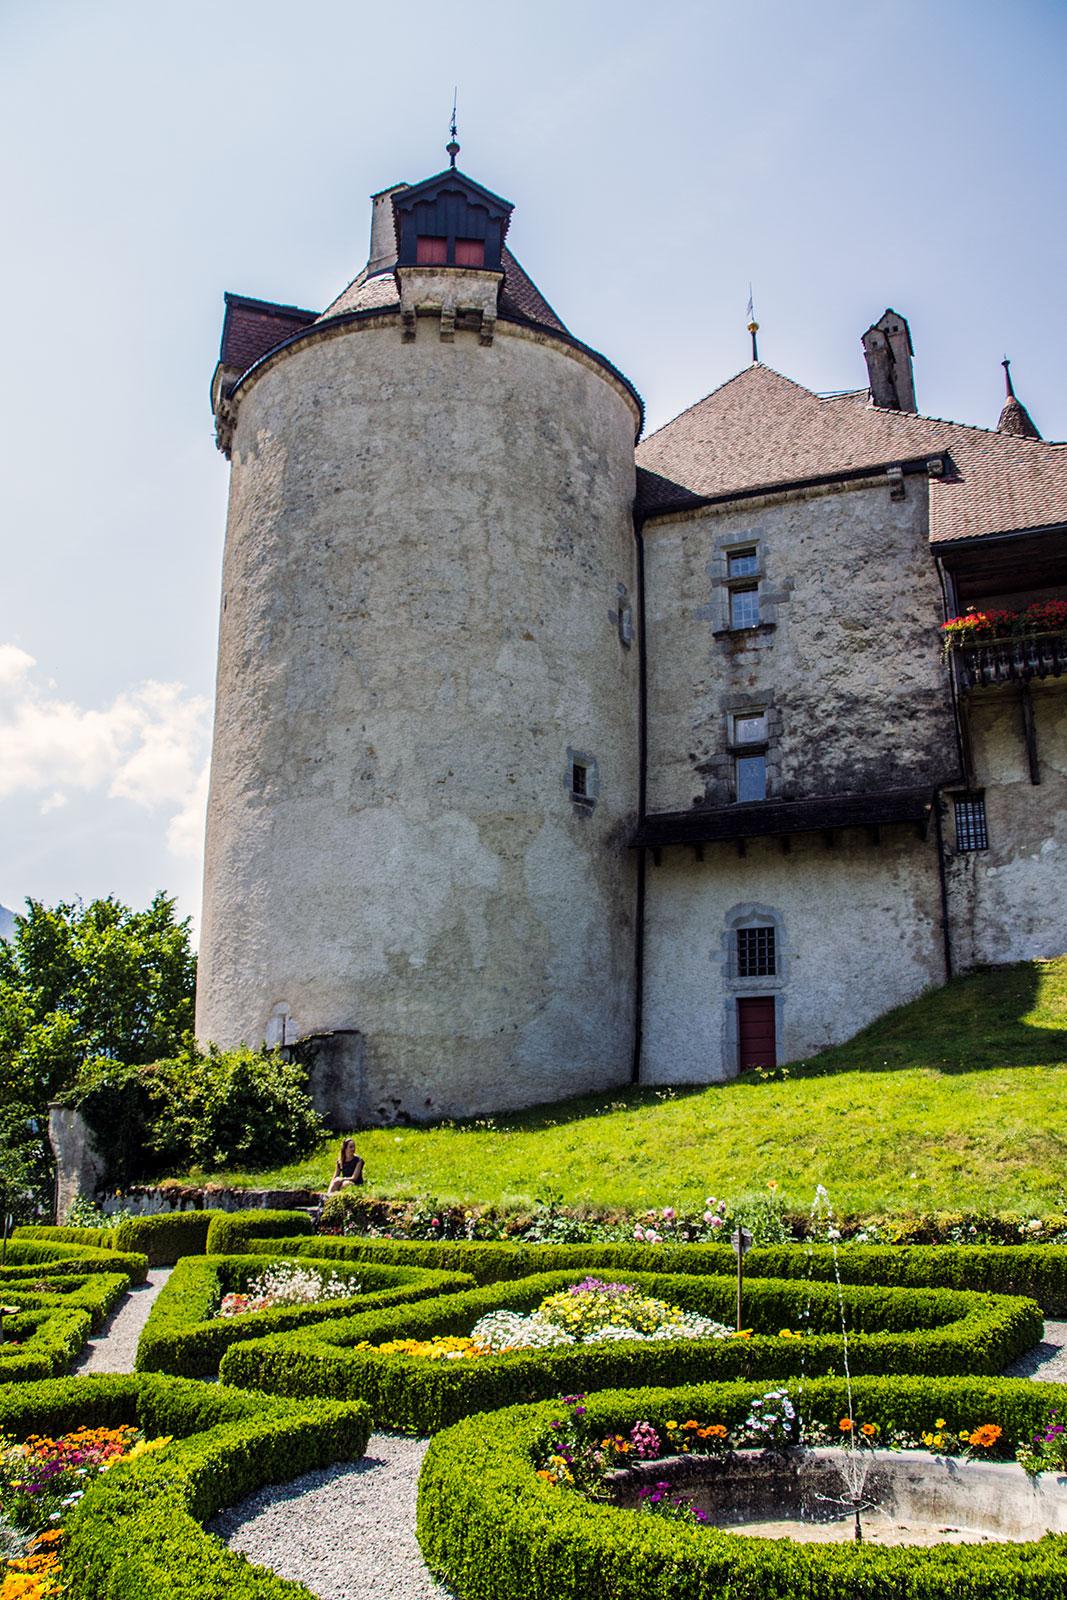 Jardín parisino del castillo de Gruyères - qué ver en Gruyères